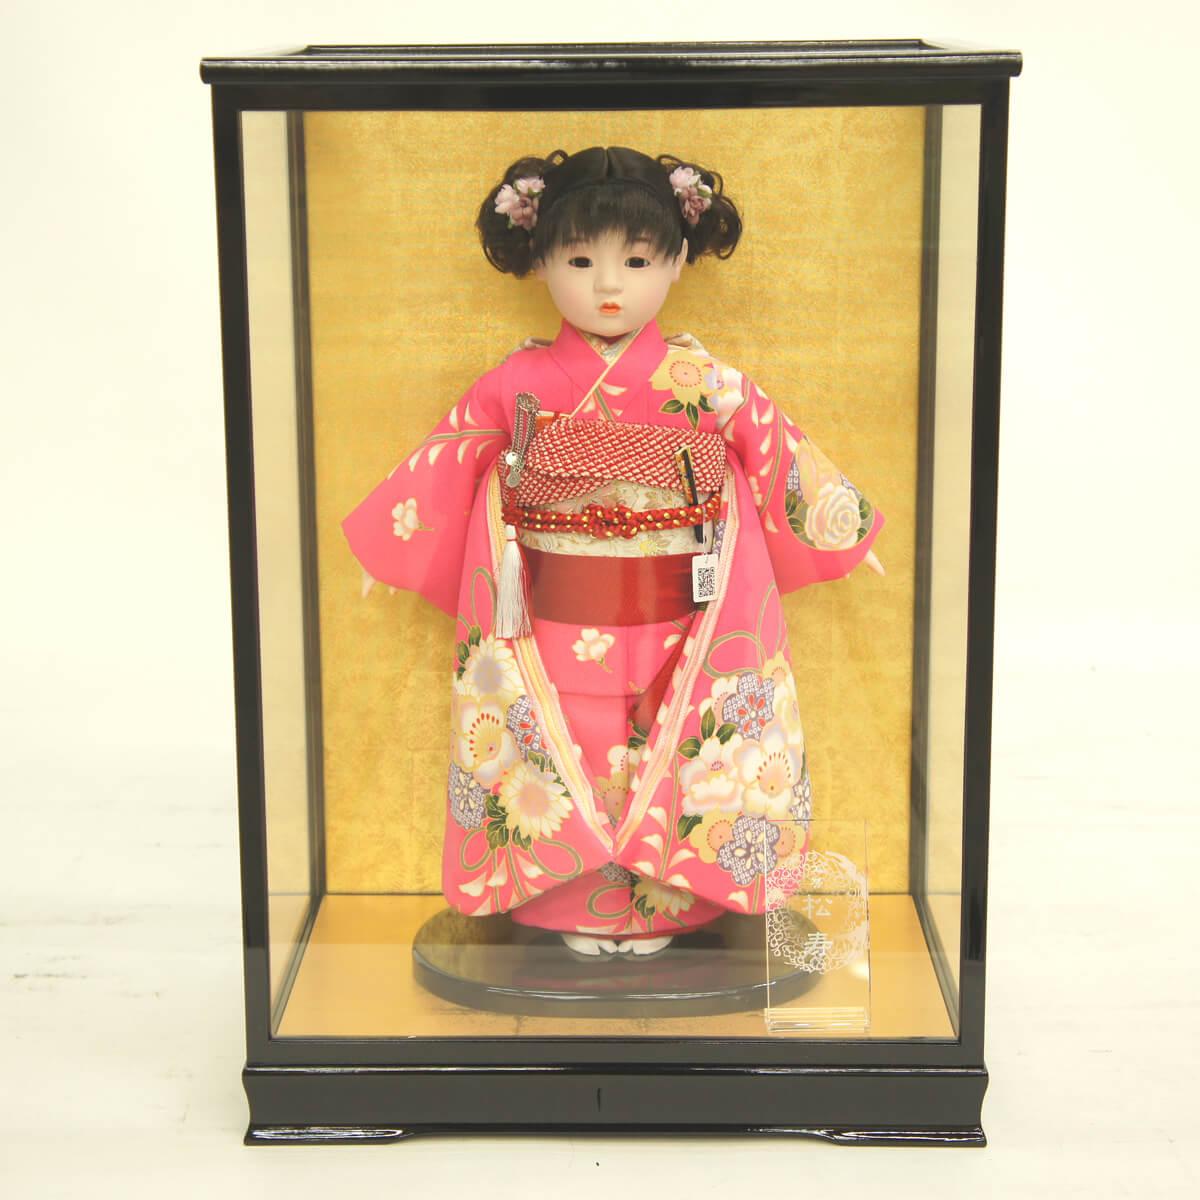 雛人形 松寿 コンパクト 市松人形 松寿作 市松人形 ケース入り (HB9) 市松 ICMY-BA26012-41G-C (HB9)ひな人形 かわいい おしゃれ インテリア ひな人形 小さい ミニ